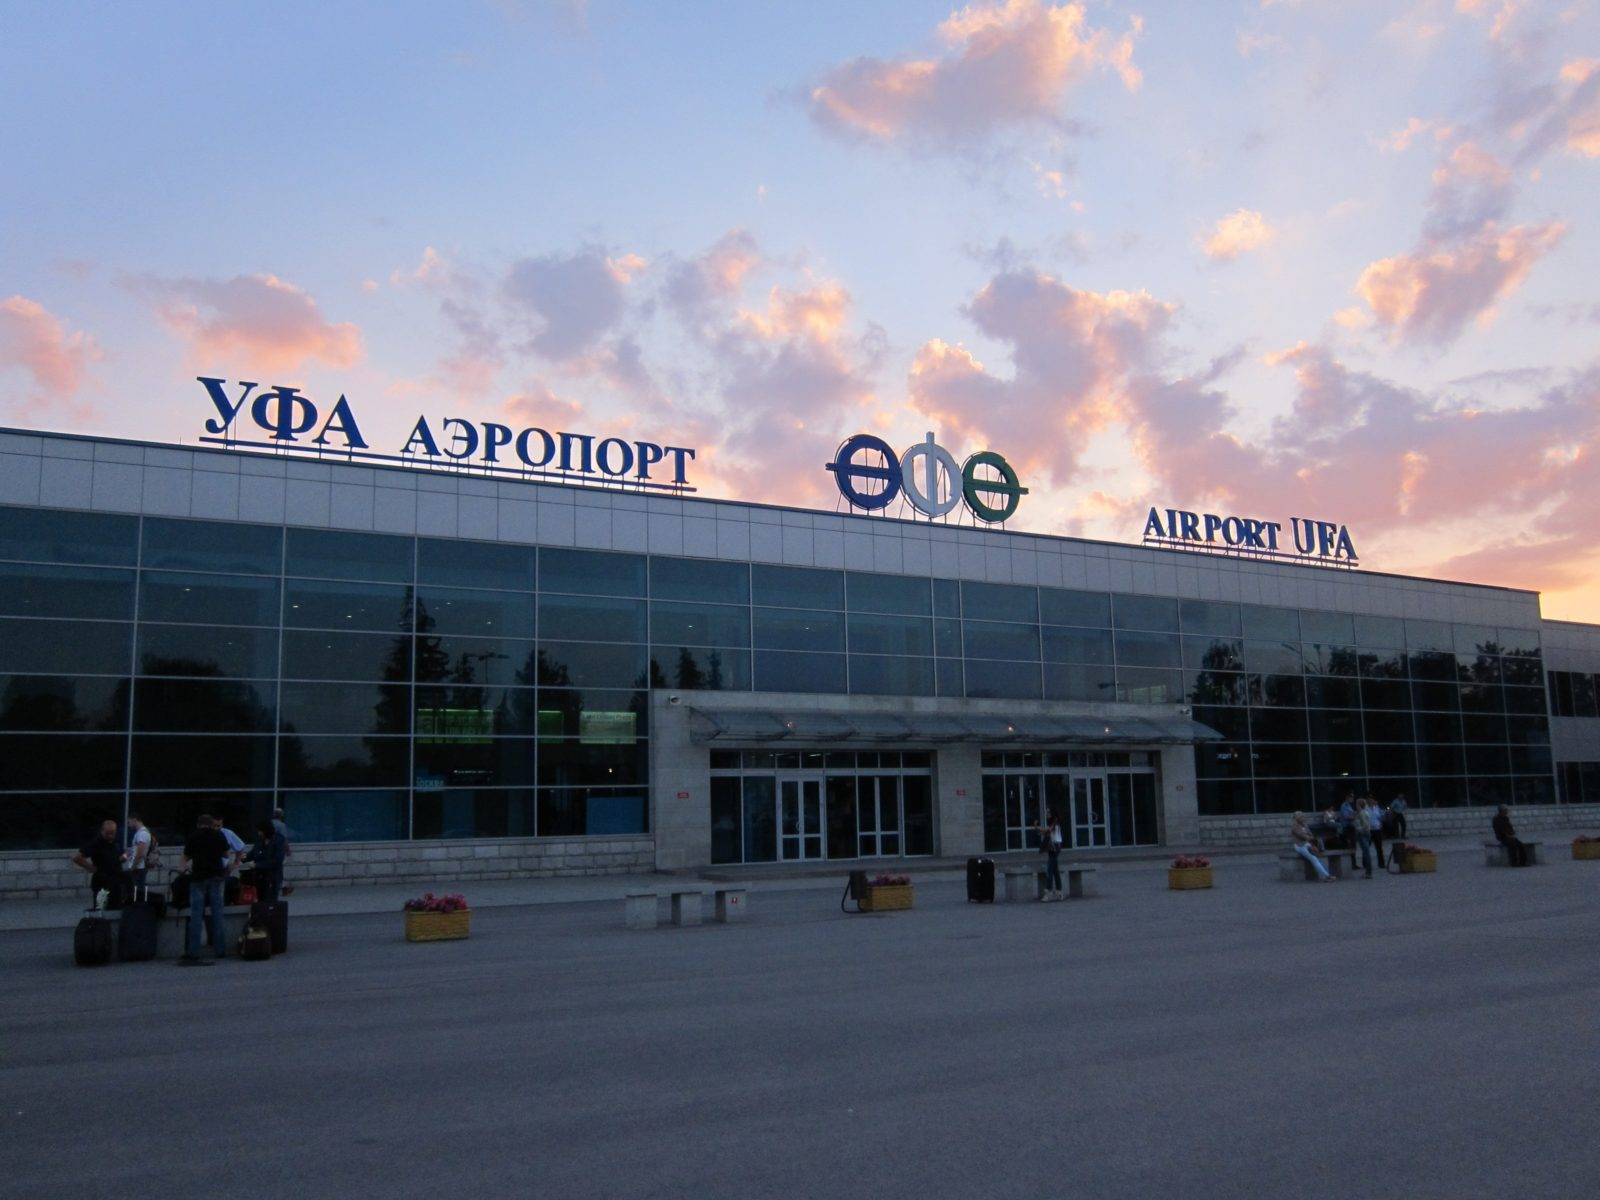 дешевые авиабилеты из аэропорта Уфа